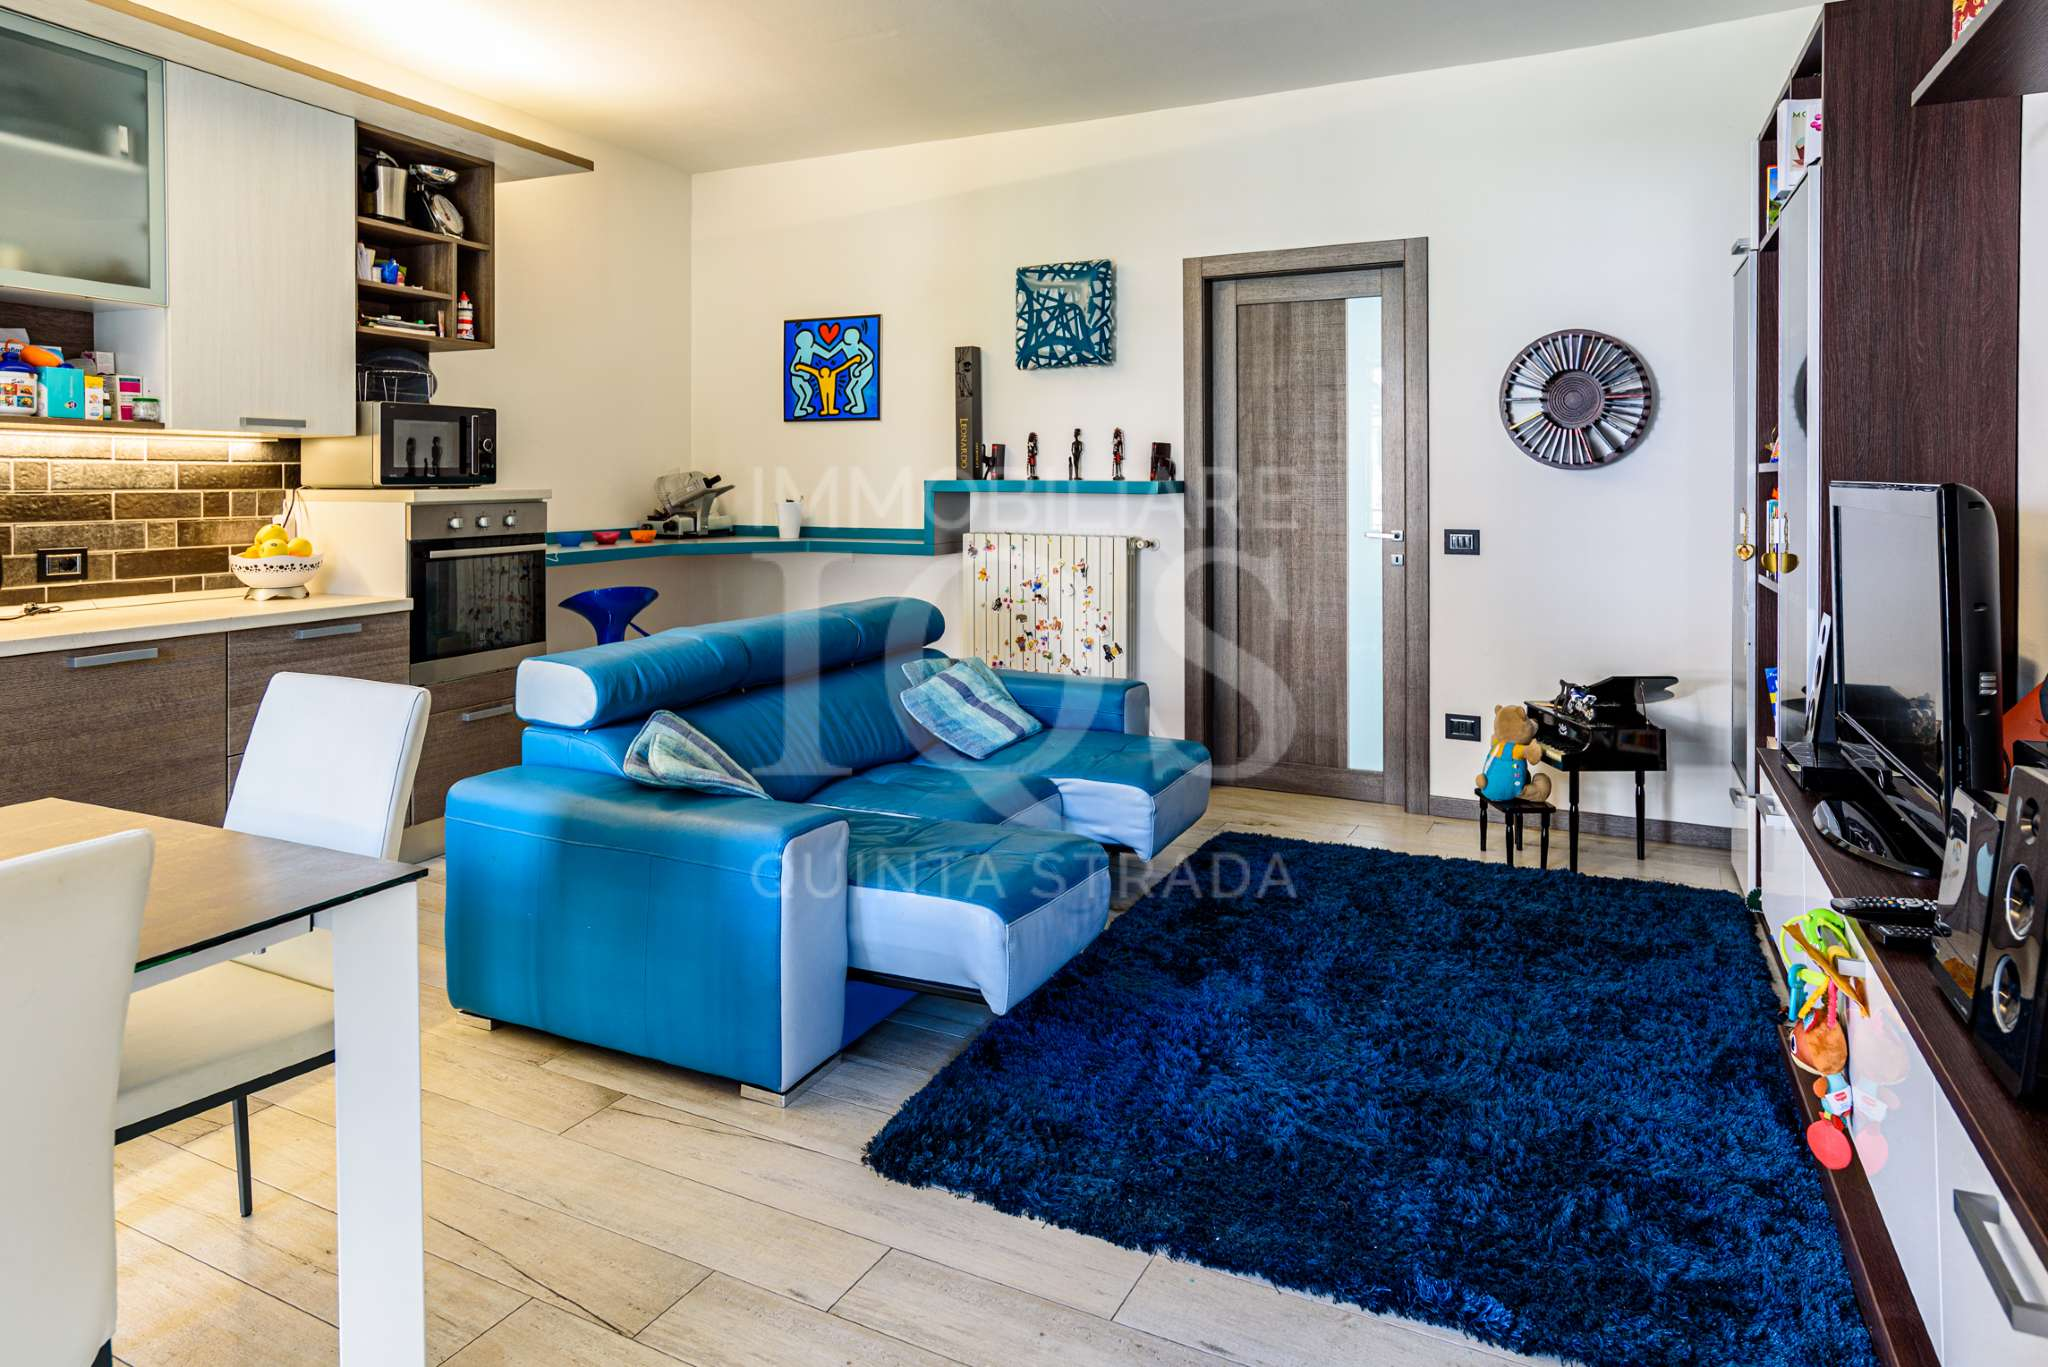 Appartamento in vendita a Adrara San Martino, 3 locali, prezzo € 89.000 | PortaleAgenzieImmobiliari.it